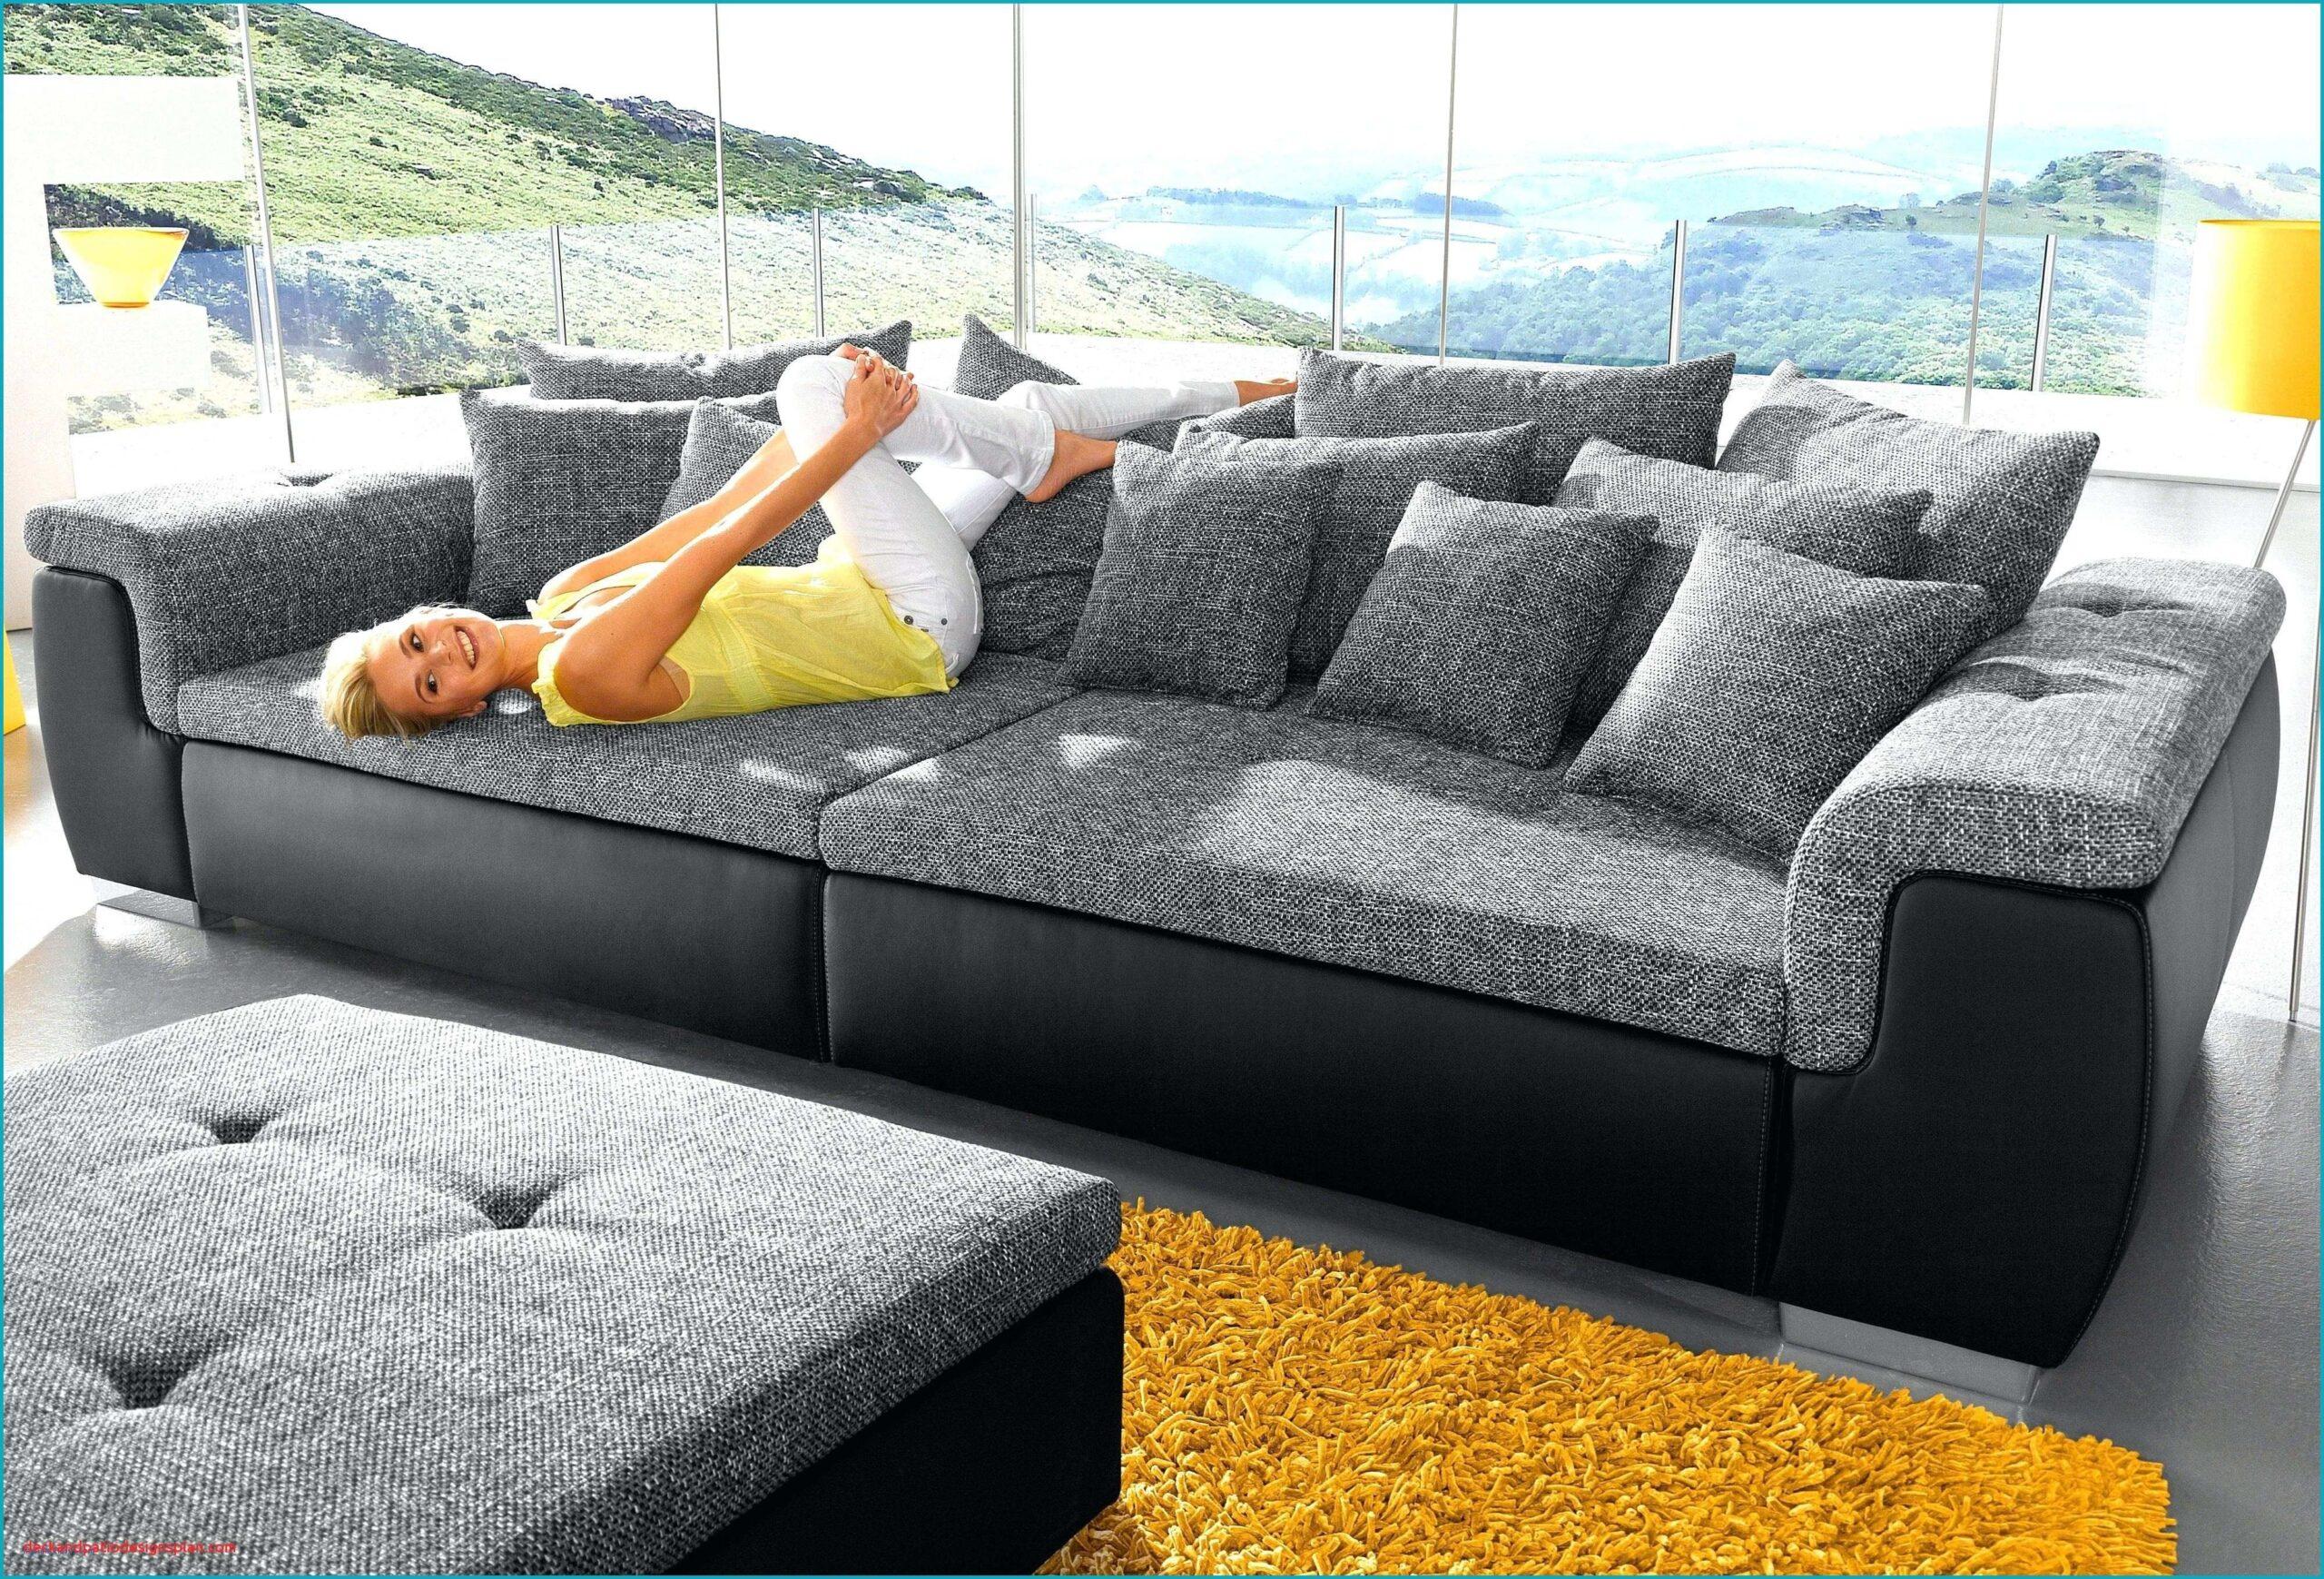 Full Size of Big Sofa L Form Xxl U 24 Pics Wohnlandschaft Mit Relaxfunktion Elektrisch Wohnzimmer Komplett Kleines 3er Chesterfield Leder Bett Weiß Schubladen Kalkputz Bad Wohnzimmer Big Sofa L Form